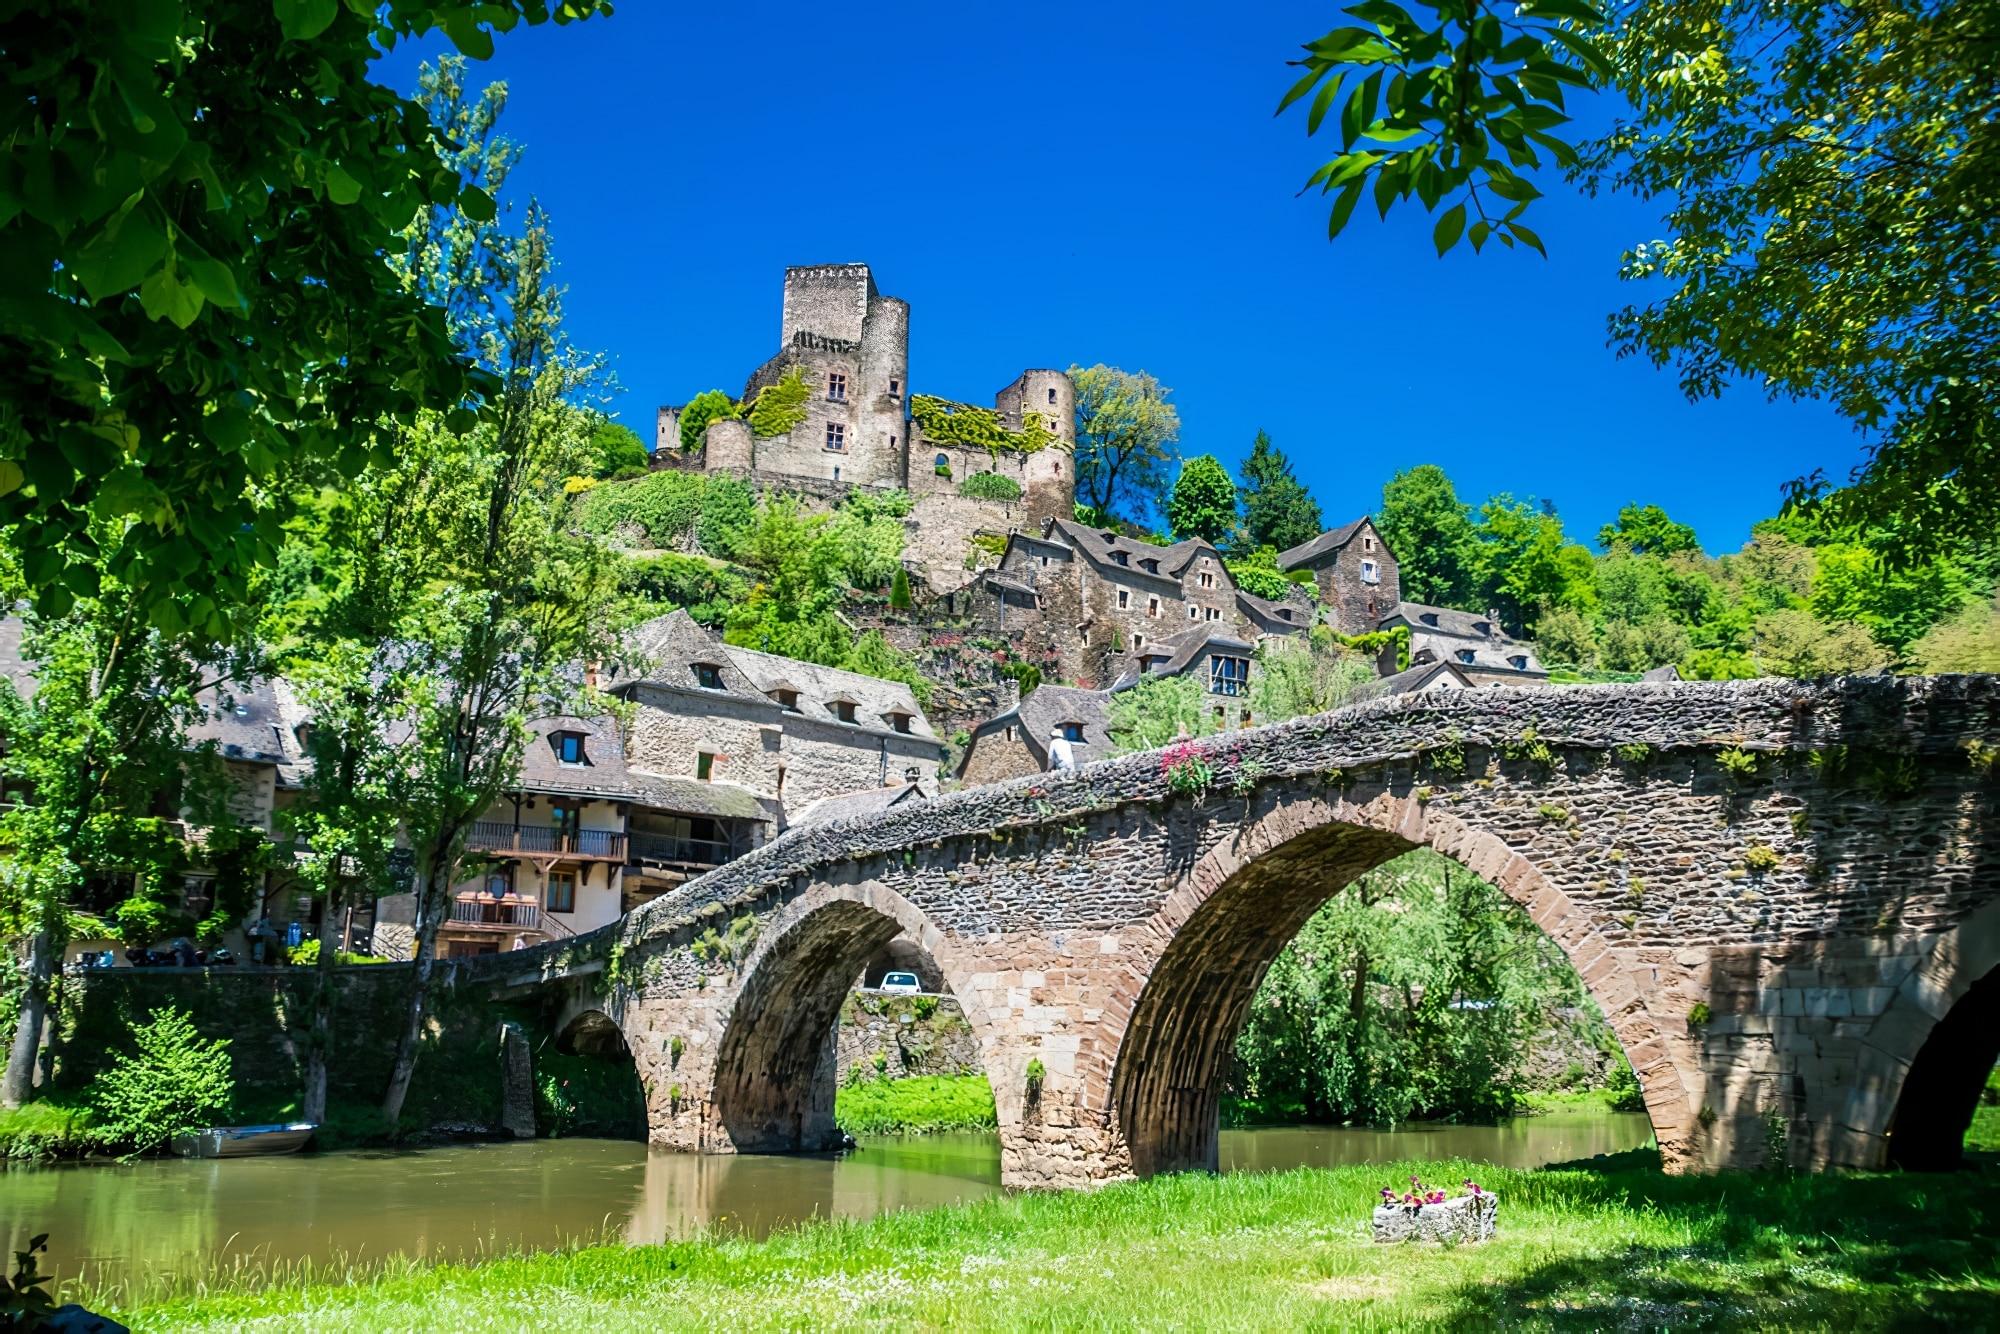 Visiter Belcastel en Aveyron : que faire et que voir dans l'un des plus beaux villages de France ?